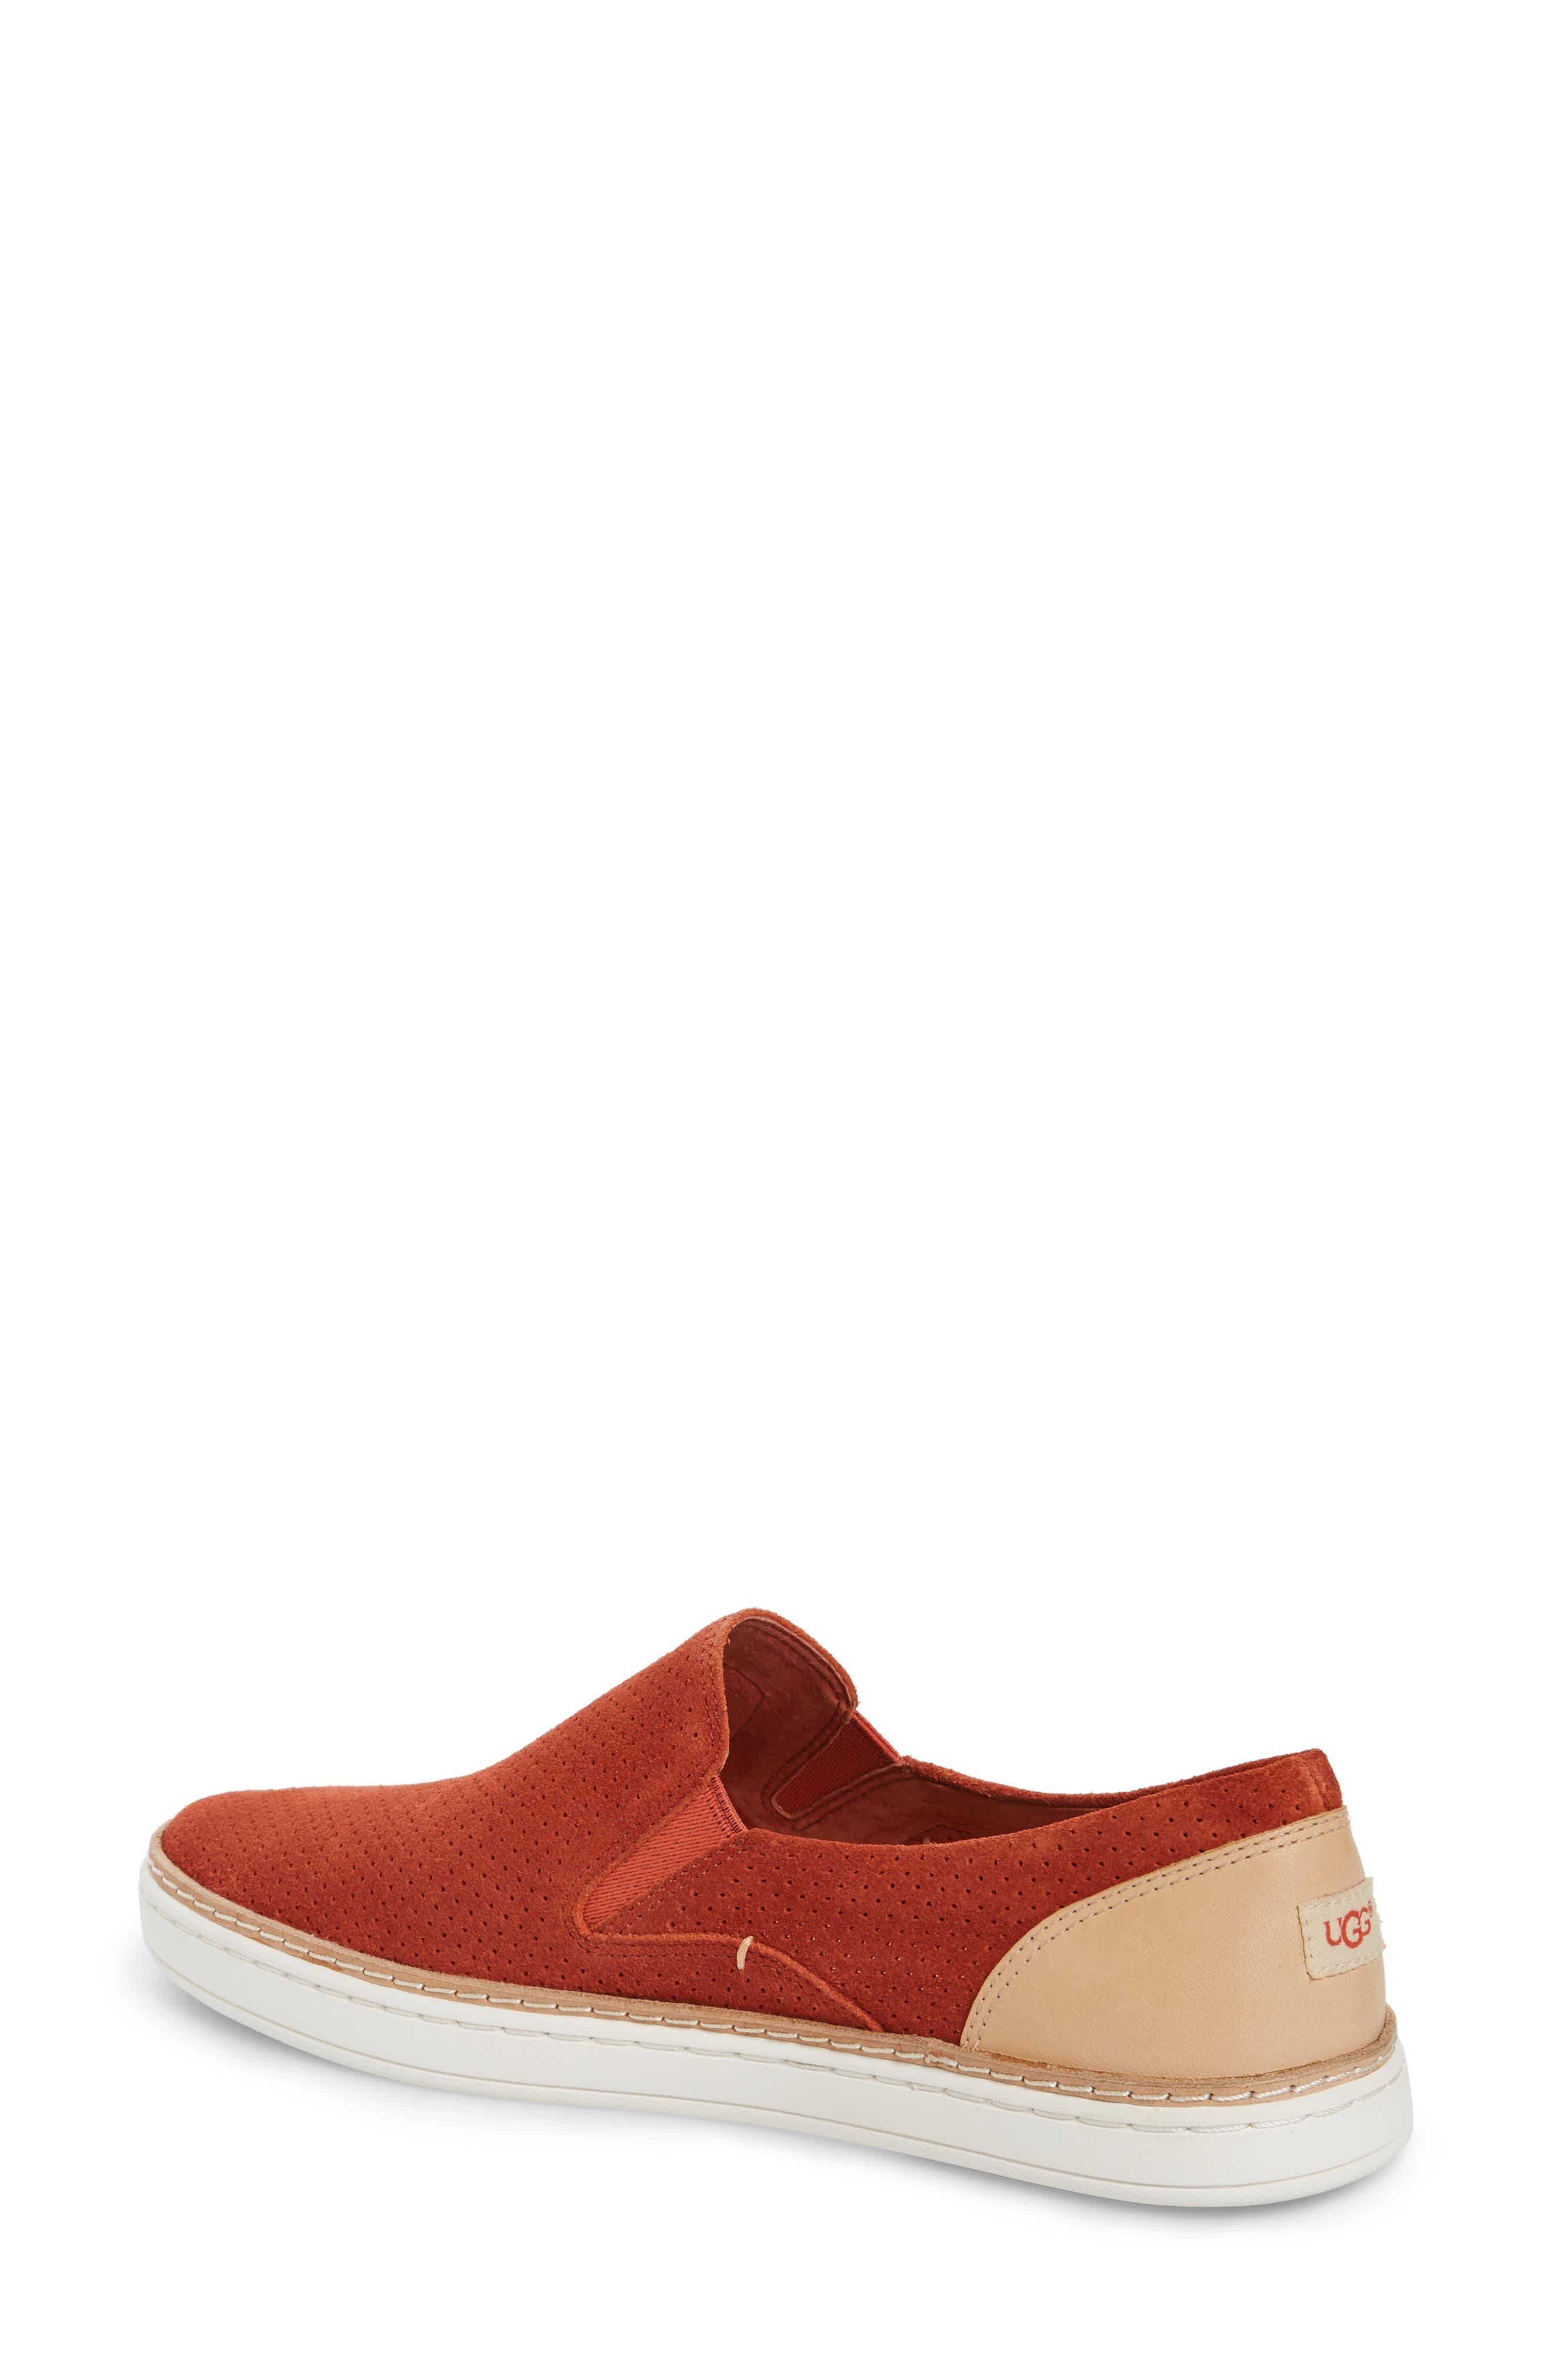 Adley Slip-On Sneaker,                             Alternate thumbnail 22, color,